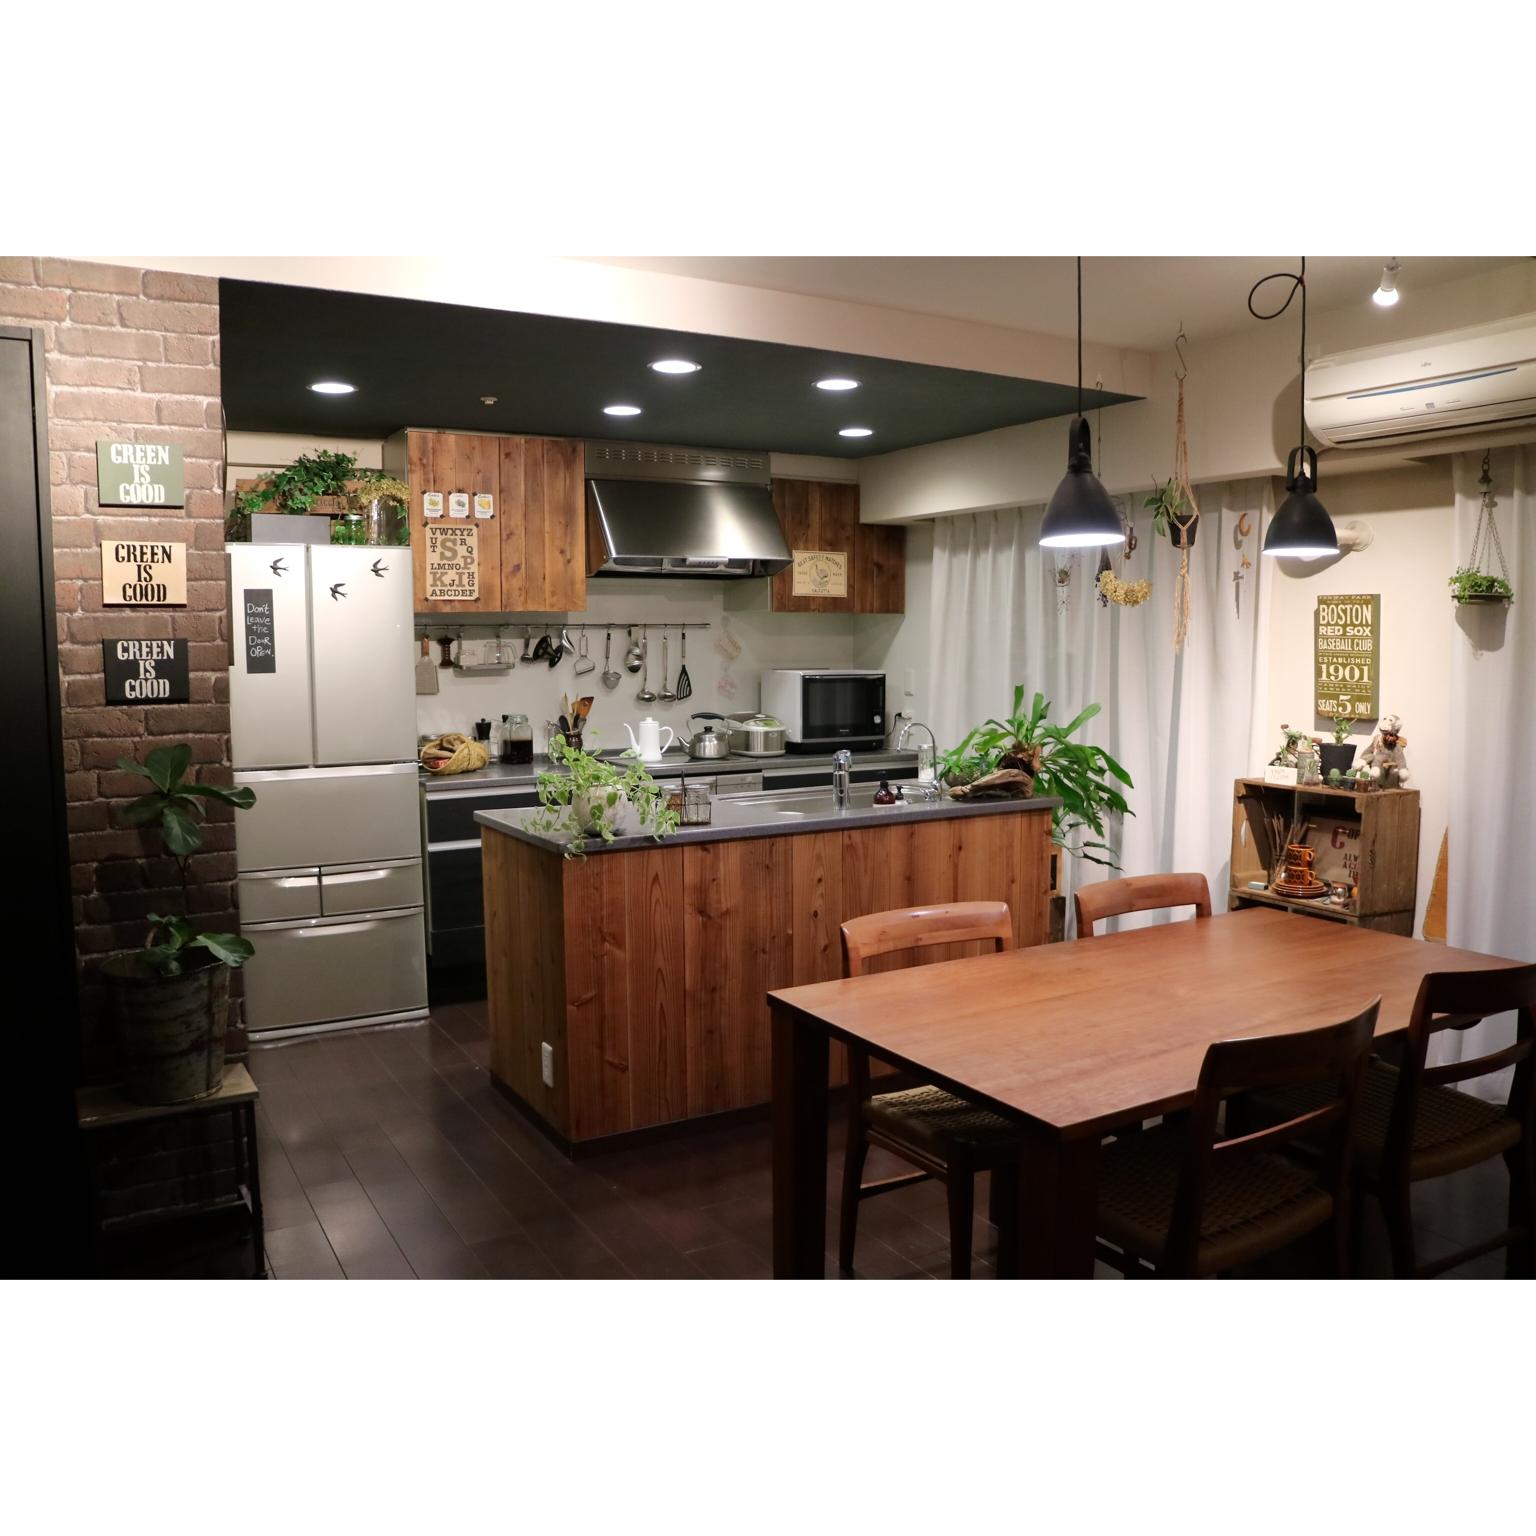 深みと渋さのカフェキッチン♪ダークトーン天井ペイント by RIKAさん